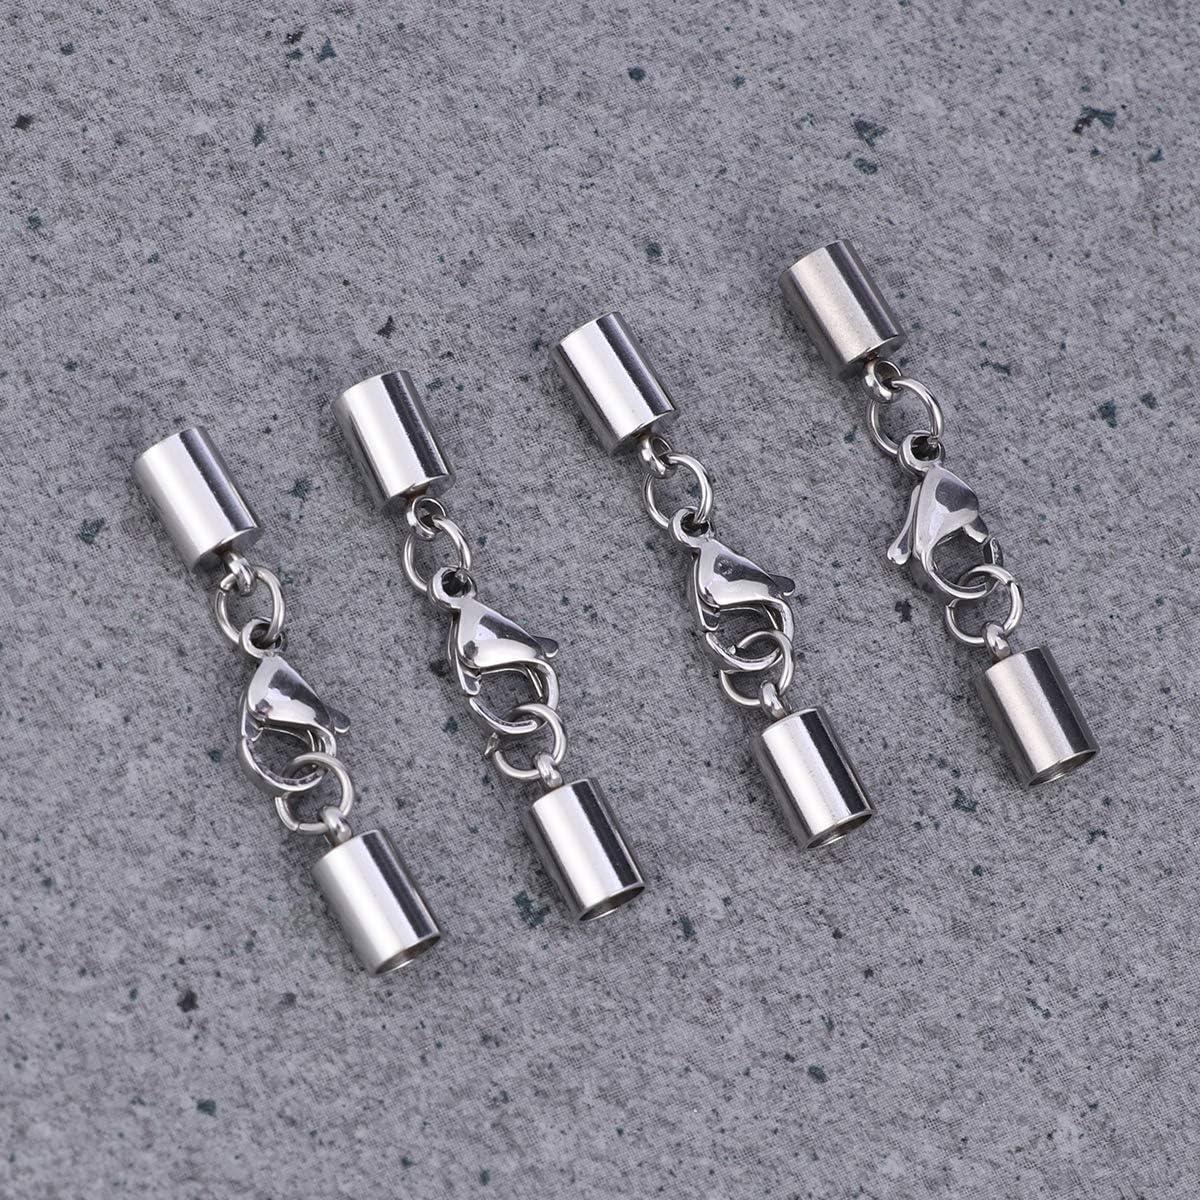 SUPVOX 4pcs embouts en acier inoxydable fermoir de fermoir /à pince de homard pour le bricolage artisanat fabrication de colliers bracelets fit trou: 4.0 mm